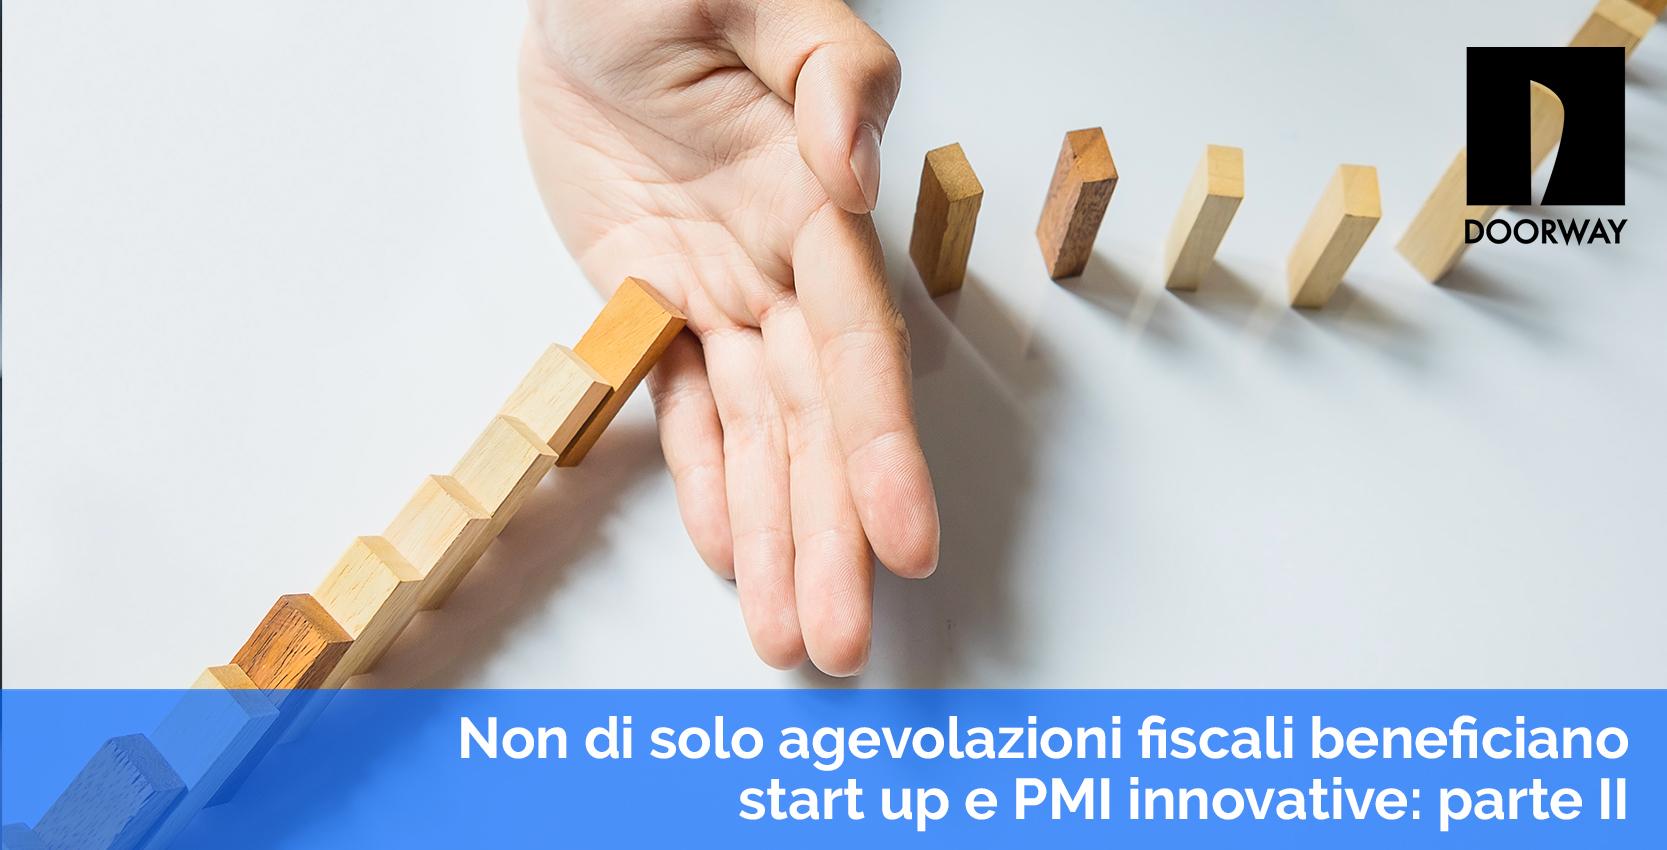 non di solo agevolazioni fiscali beneficiano startup e PMI innovative: parte 2